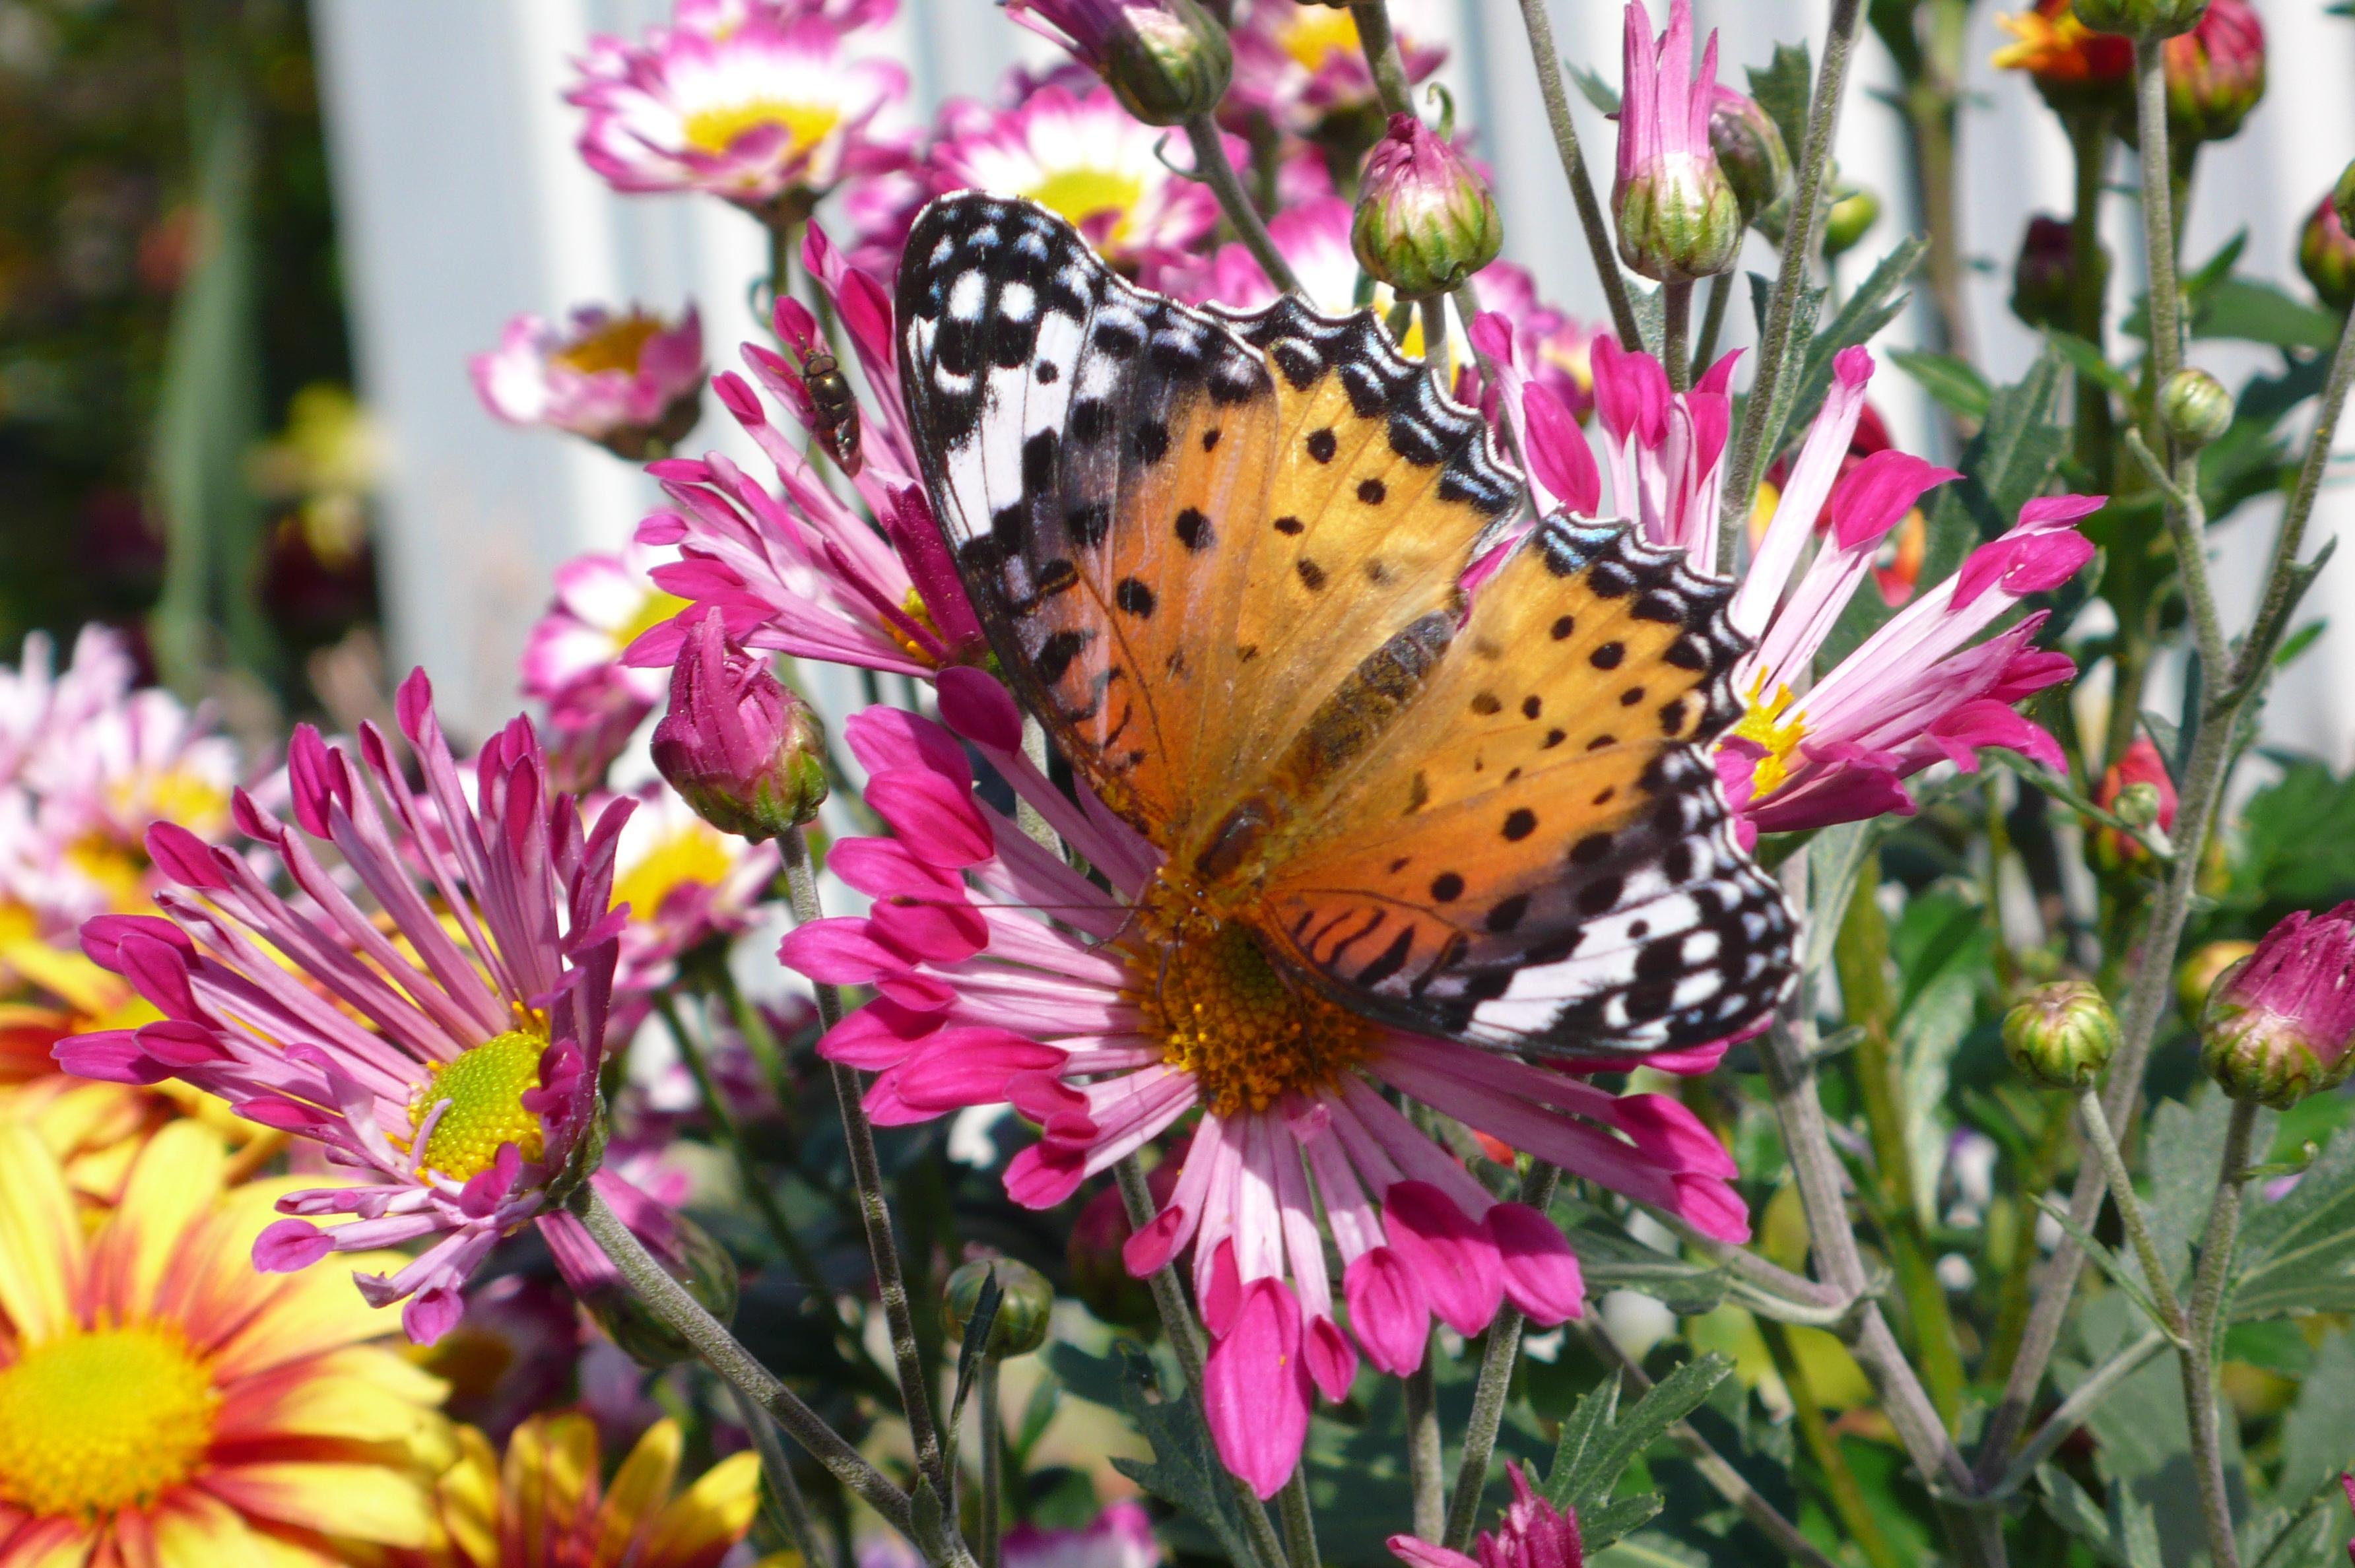 いろいろな花の蜜を吸っています。